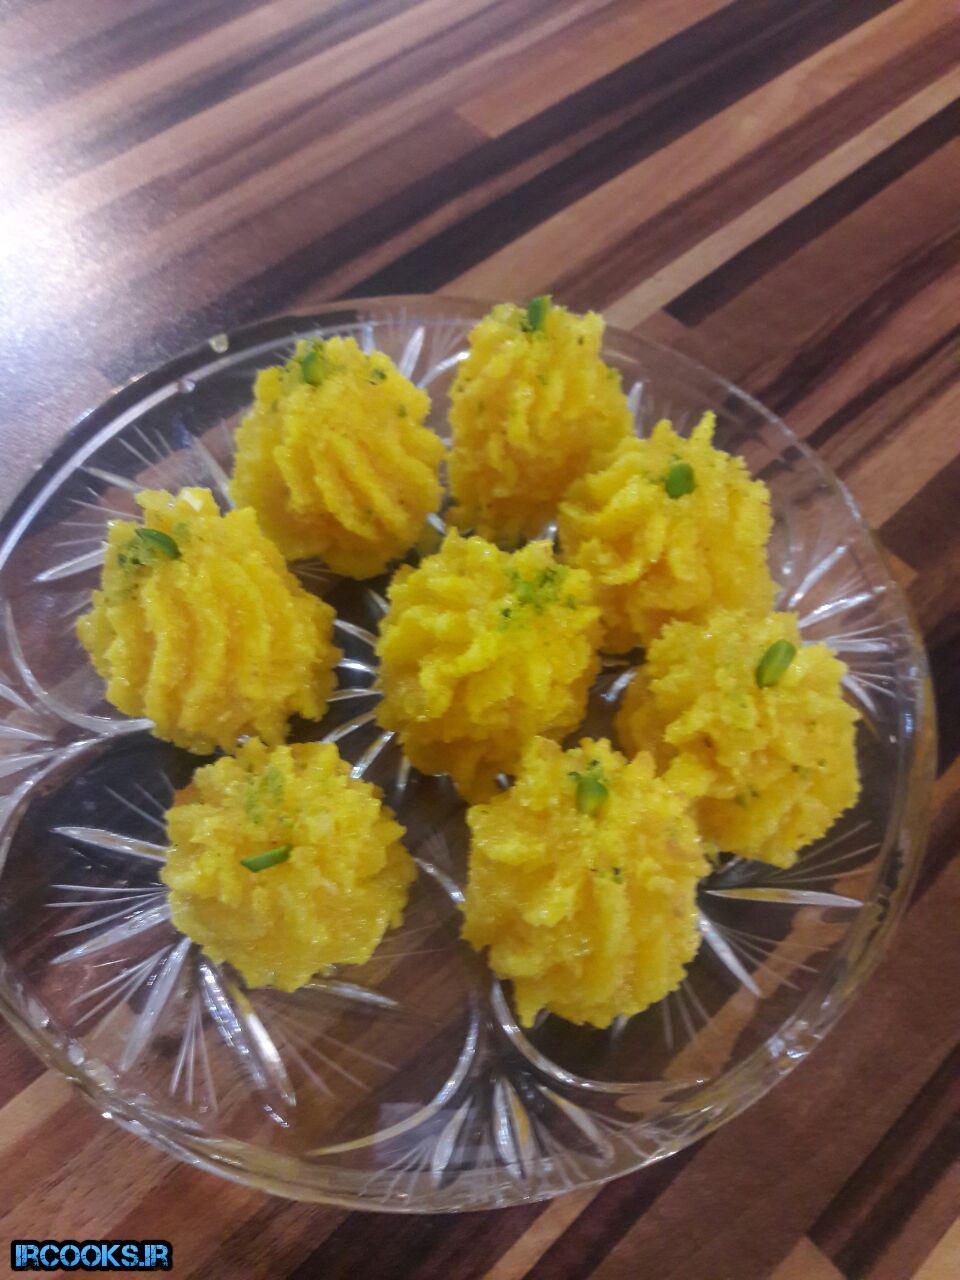 شیرینی رز نارگیلی